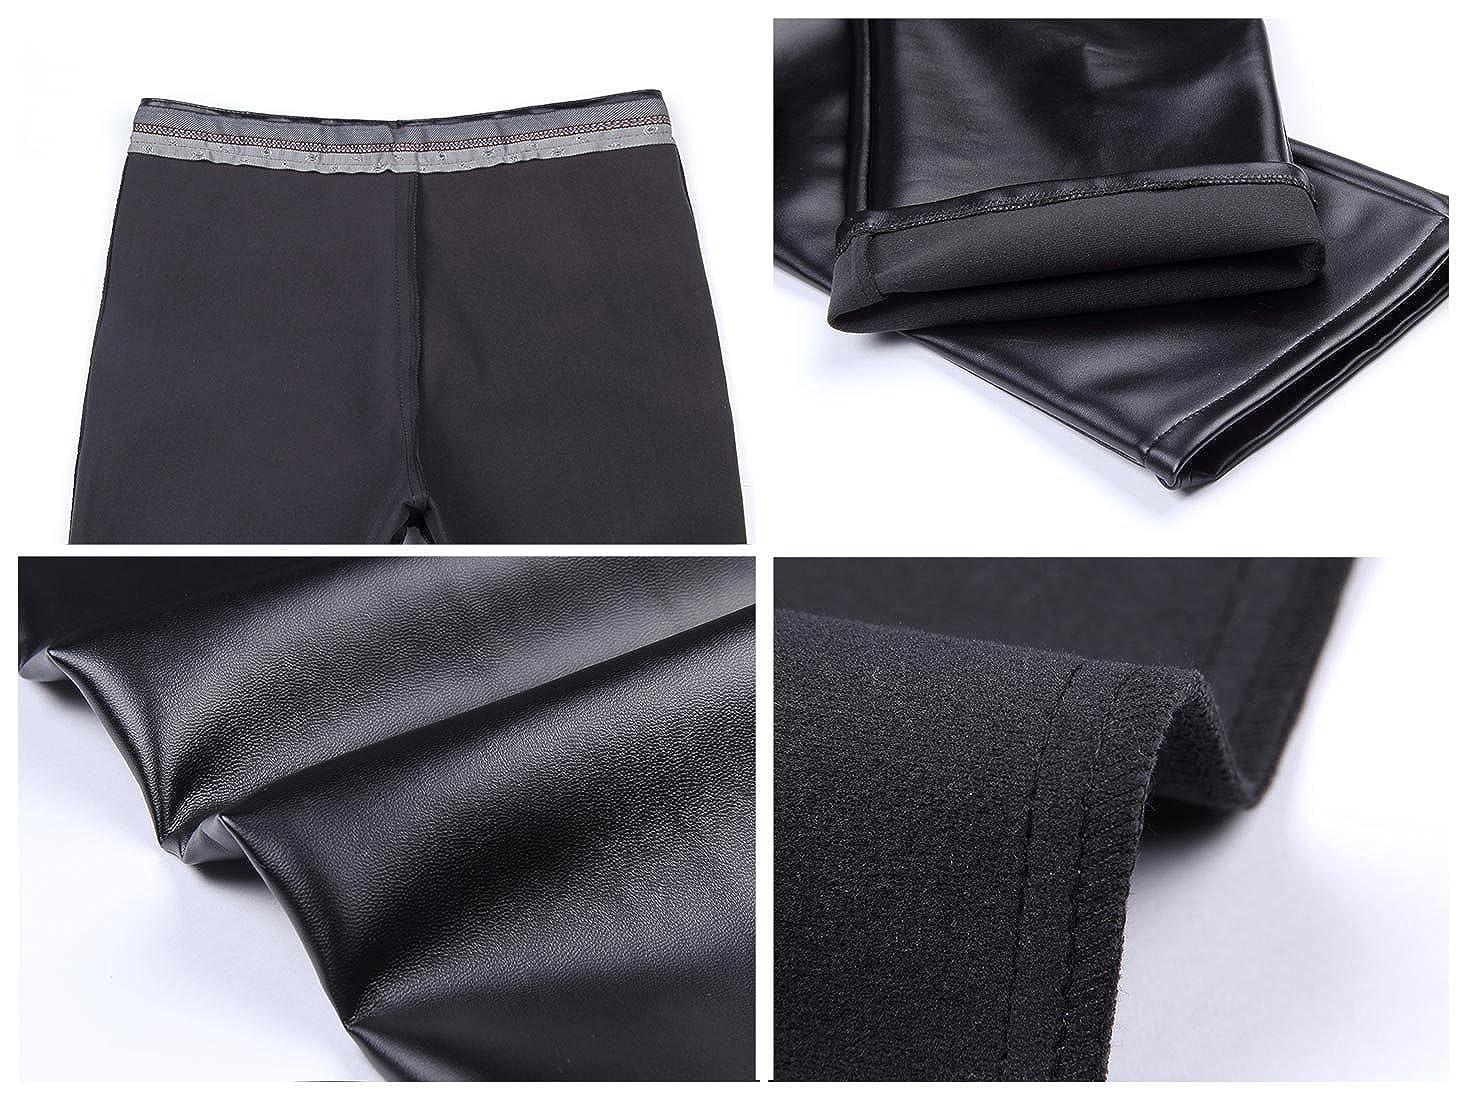 Duolunjindun Pantalons Homme PU Cuir Noir M/étallis/é /Épais Souple Vantage /Étanche Zipp/é Slim Hiver Simple Casual Mode Tavaille Commerce Moto Taille 34-42